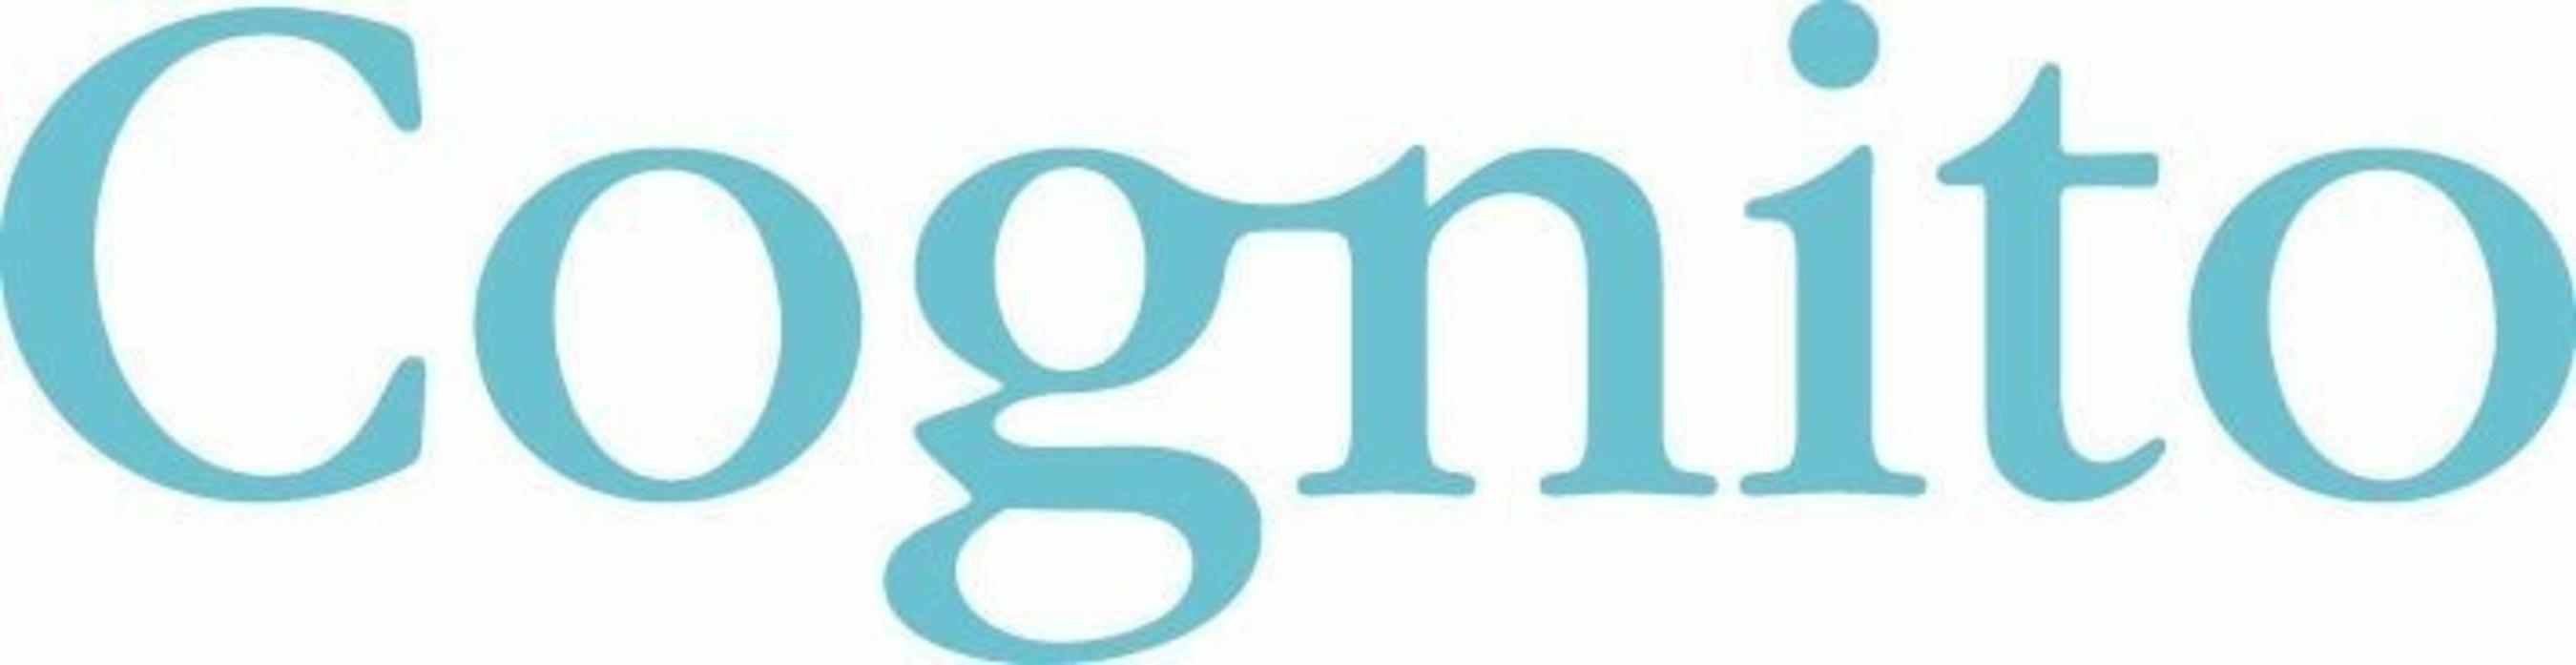 Cognito logo (PRNewsFoto/Cognito)